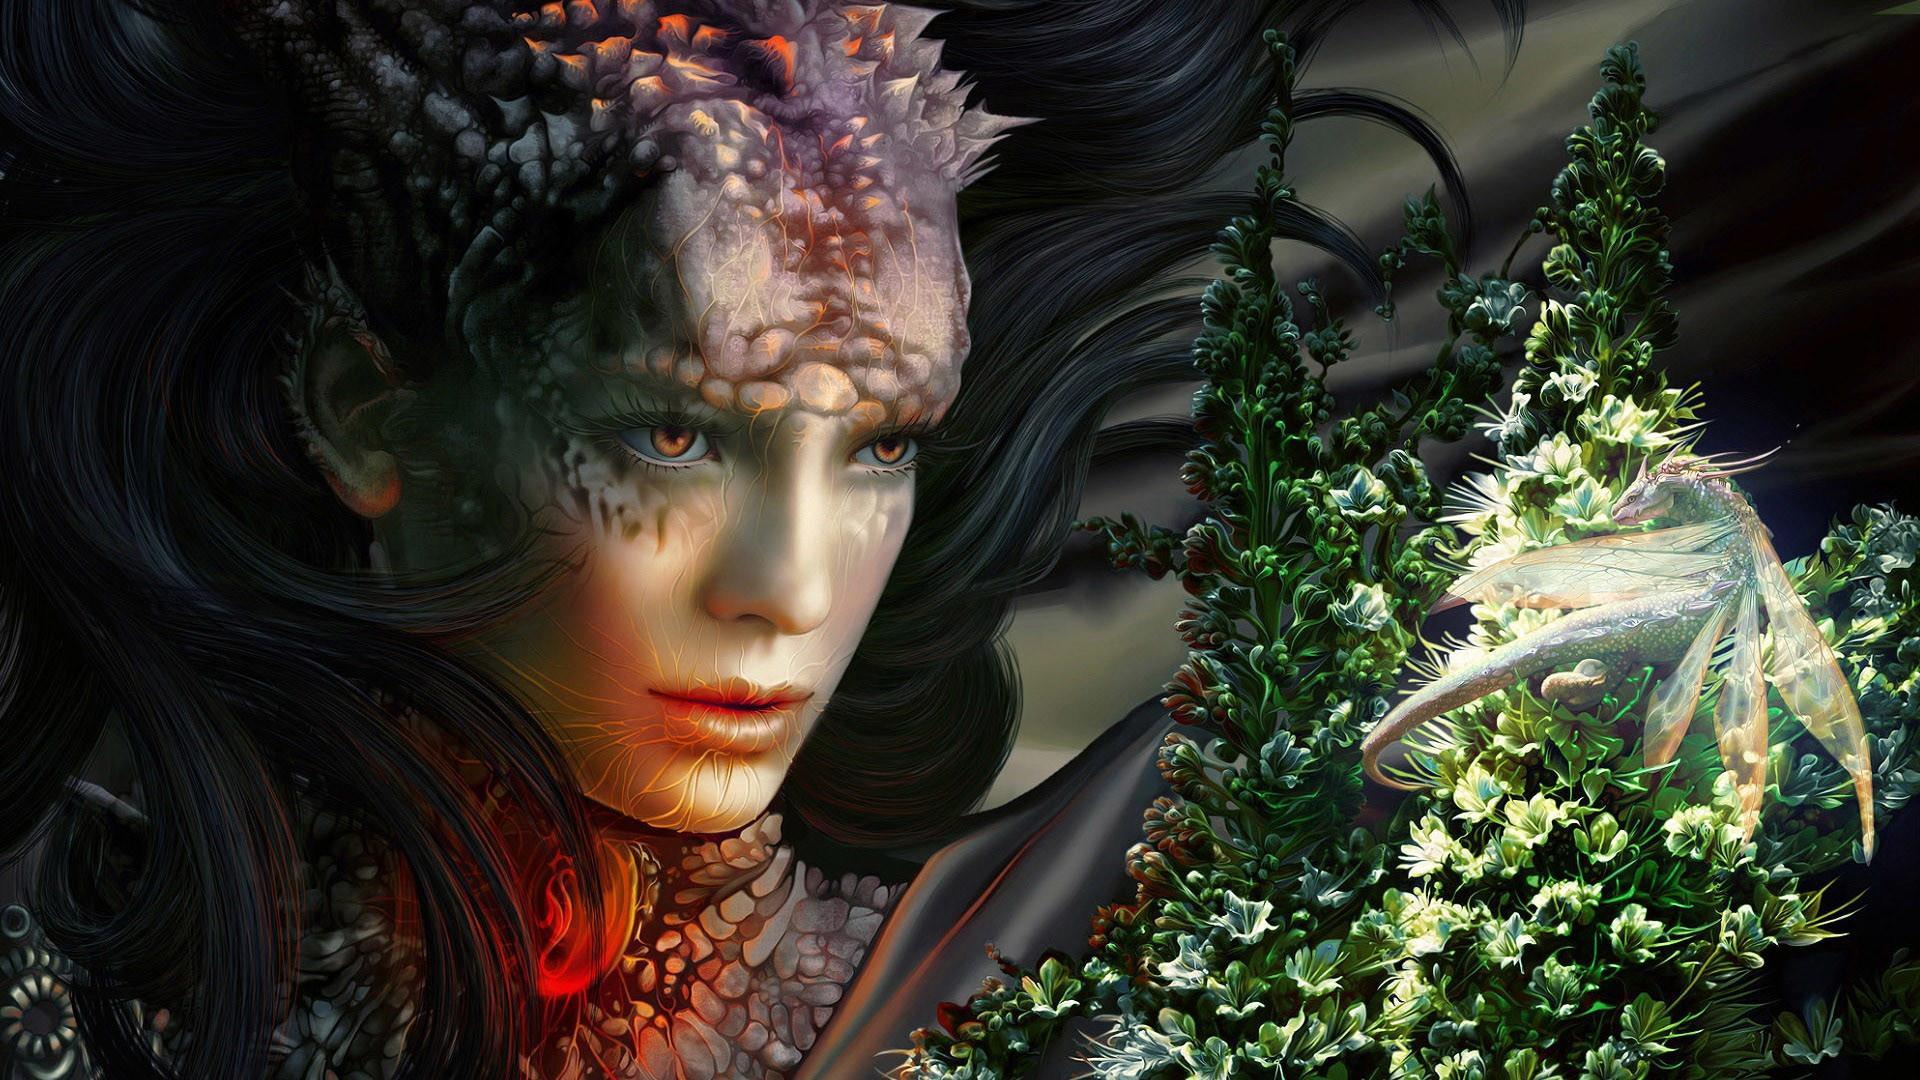 Elf girl fantasy wallpaper.